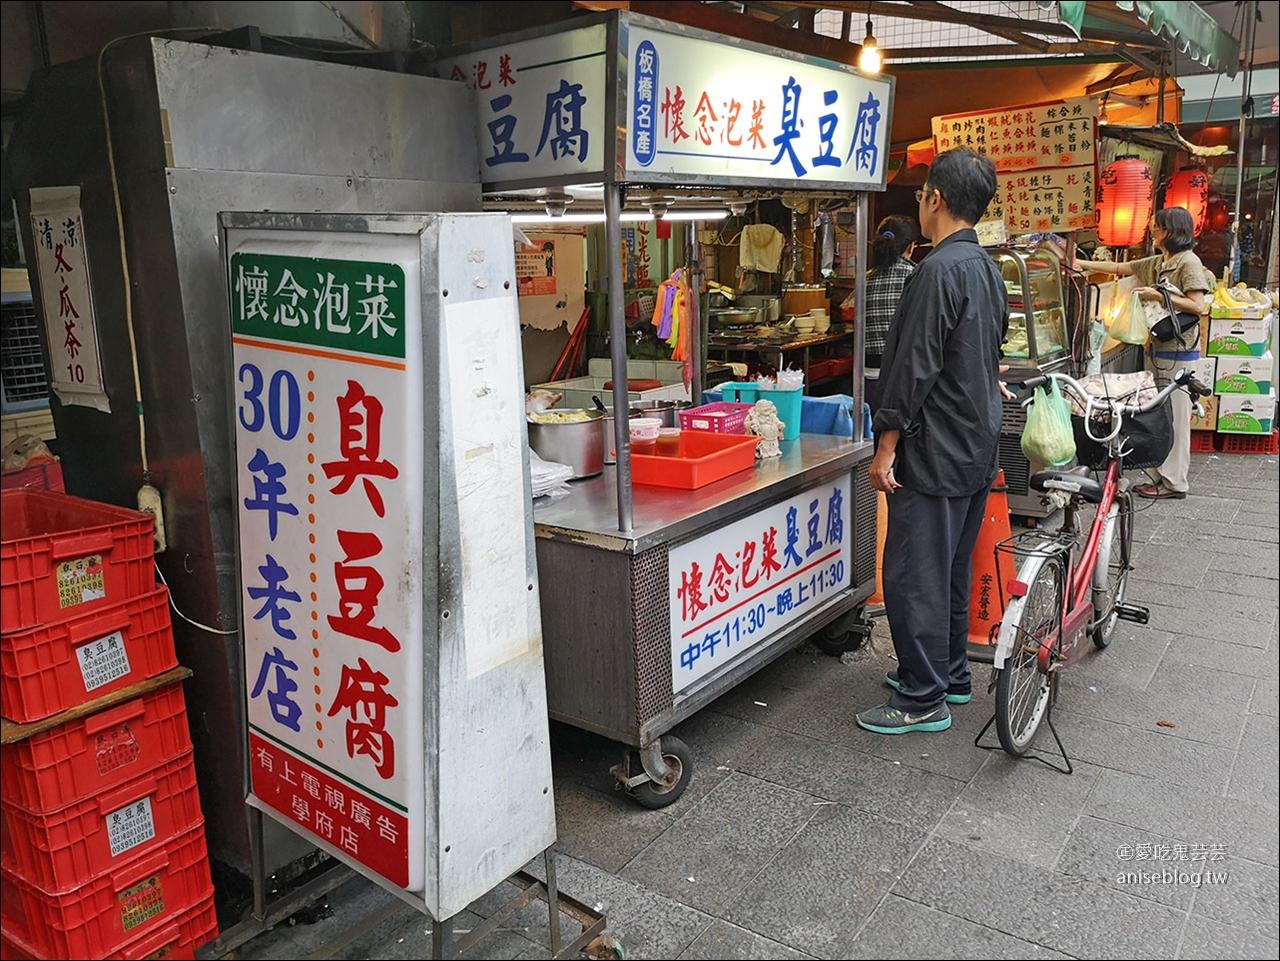 懷念泡菜臭豆腐 | 板橋名產,外酥內嫩、多汁的好吃臭豆腐